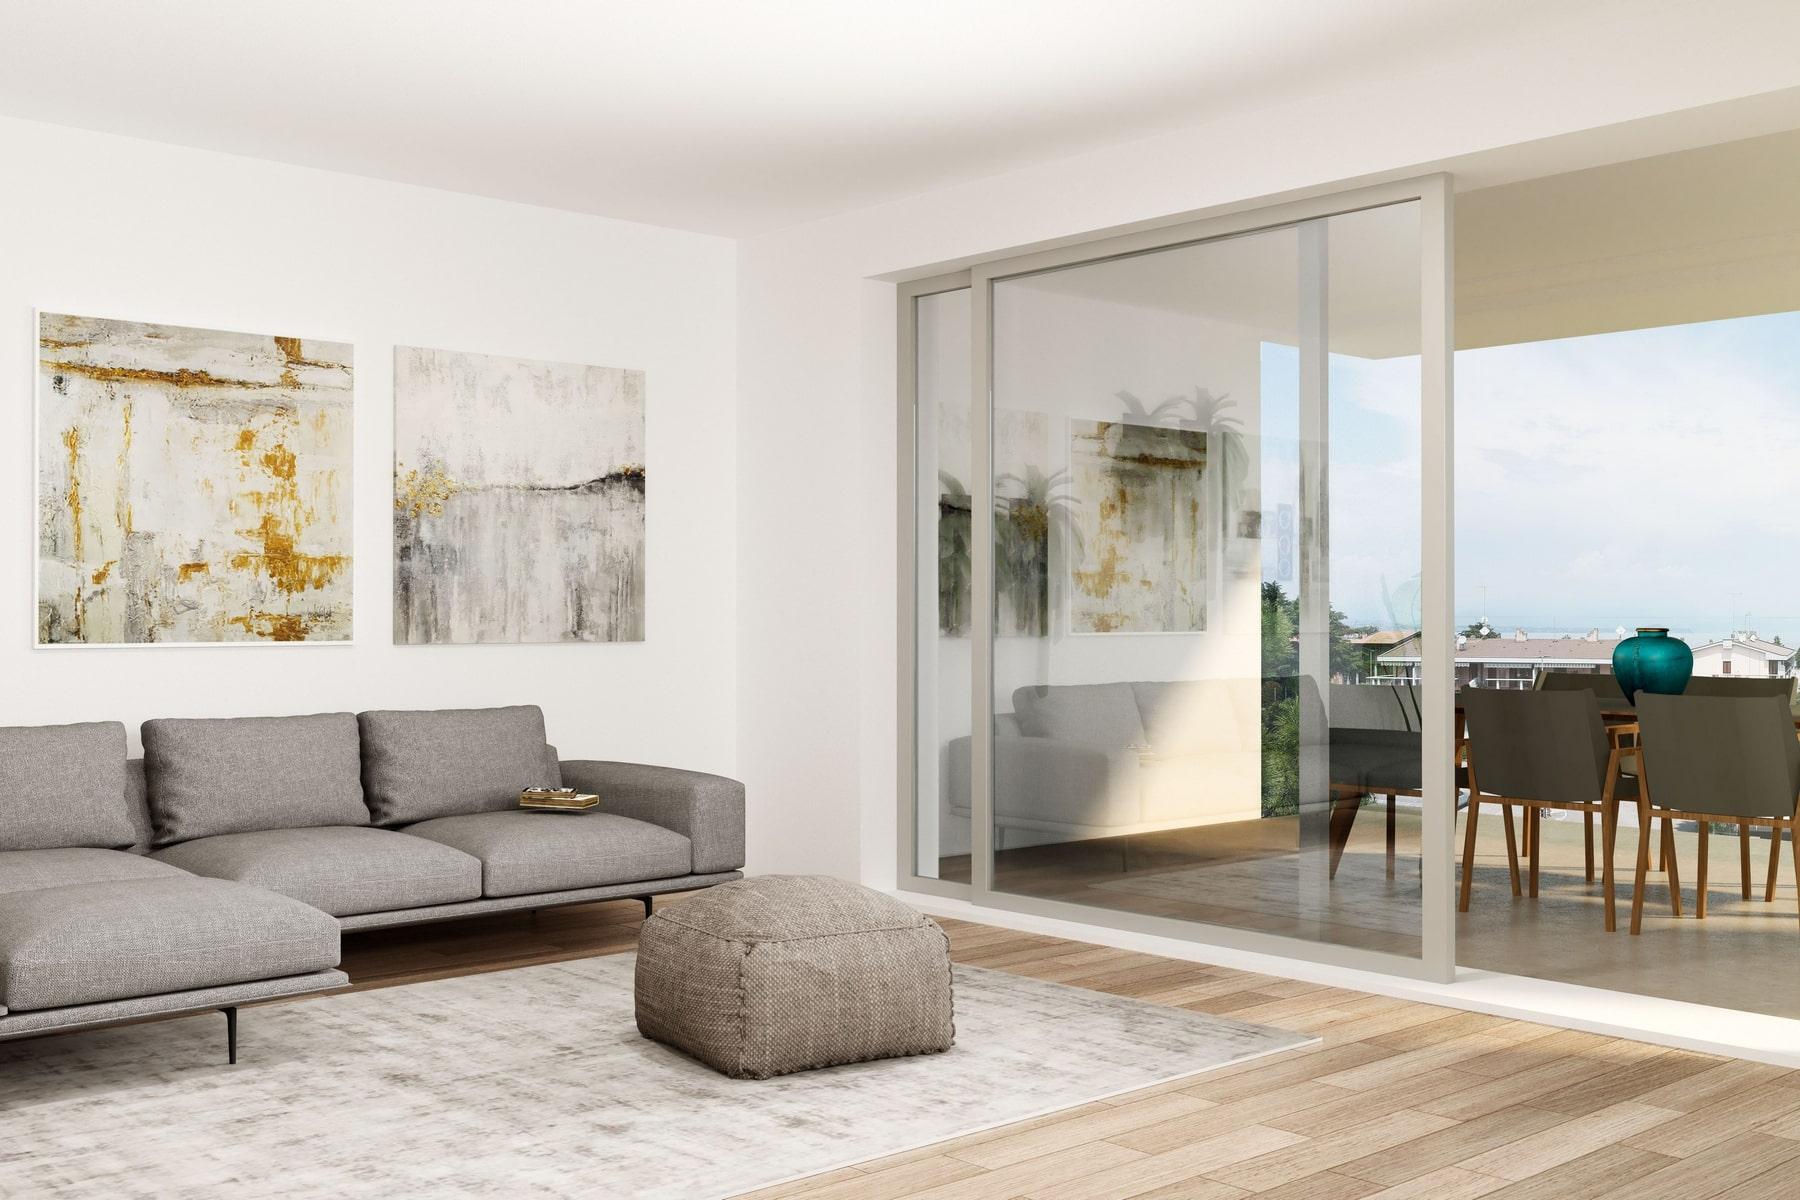 Appartamento in Vendita a Desenzano Del Garda: 5 locali, 180 mq - Foto 5